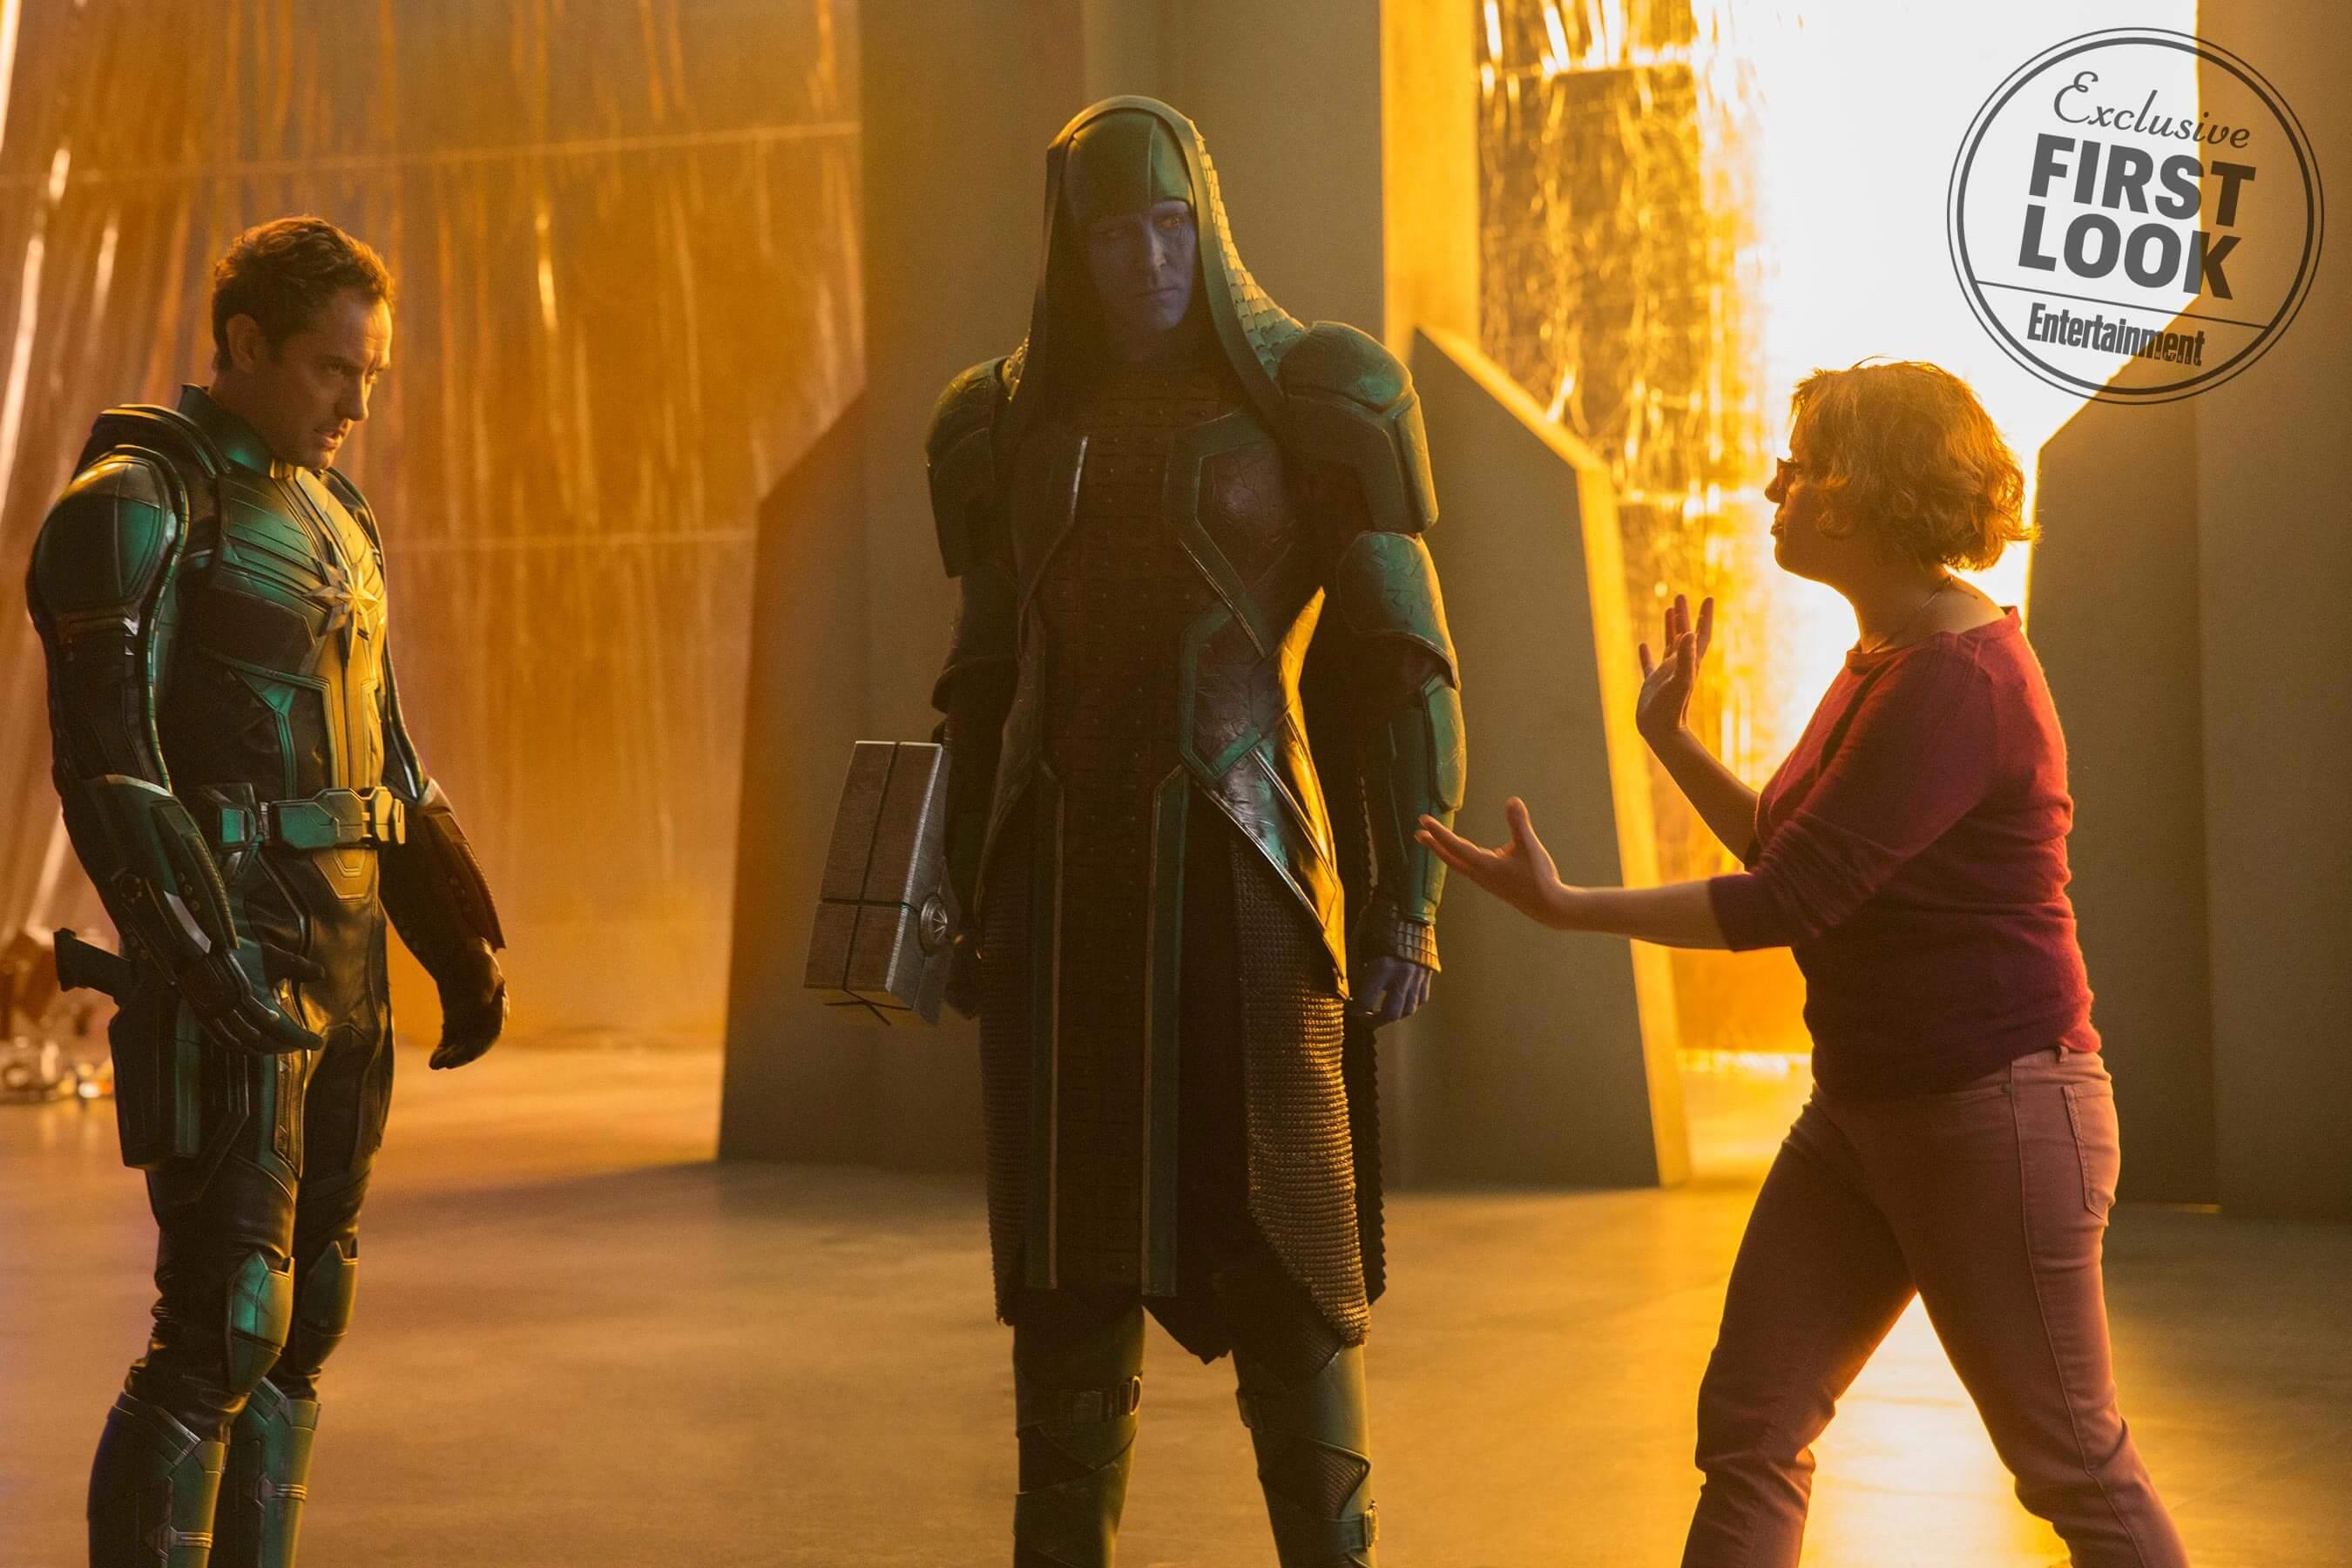 《 驚奇隊長 》拍攝花絮 克里人 控訴者羅南 。